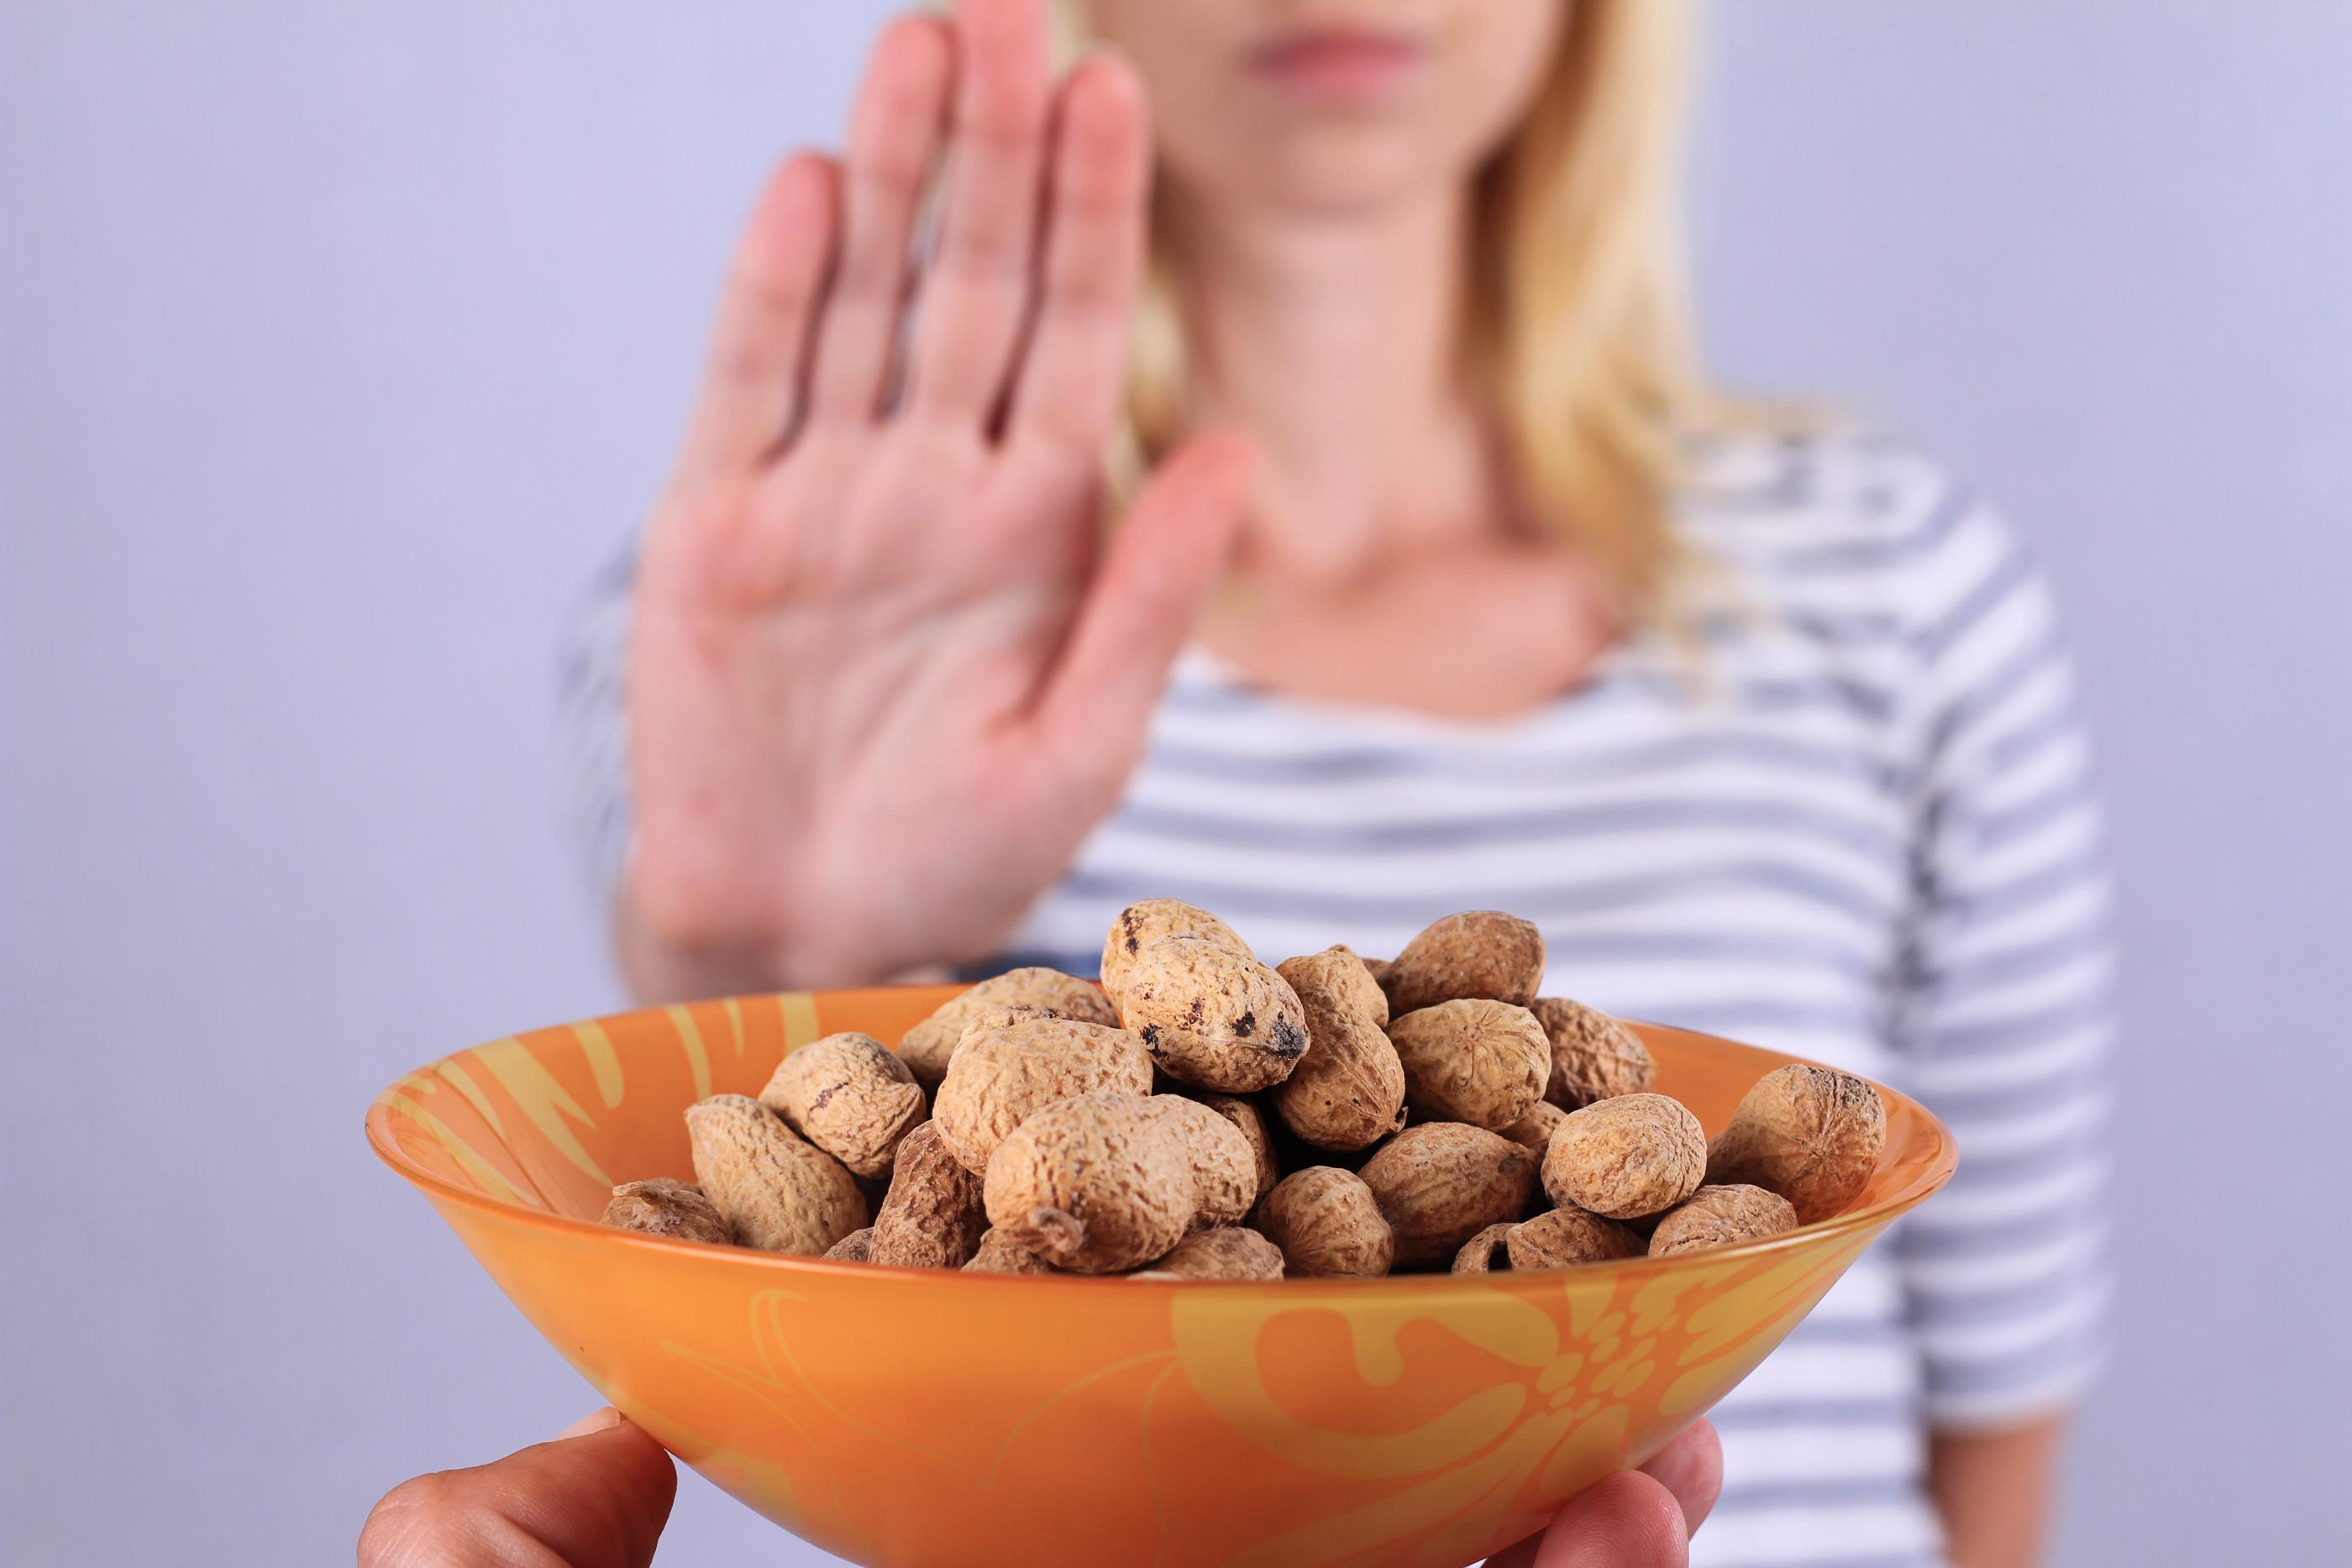 Ceux qui sont contraints aux restrictions alimentaires peuvent, en périodes de Fêtes et au moment des repas, éprouver un sentiment d'exclusion.